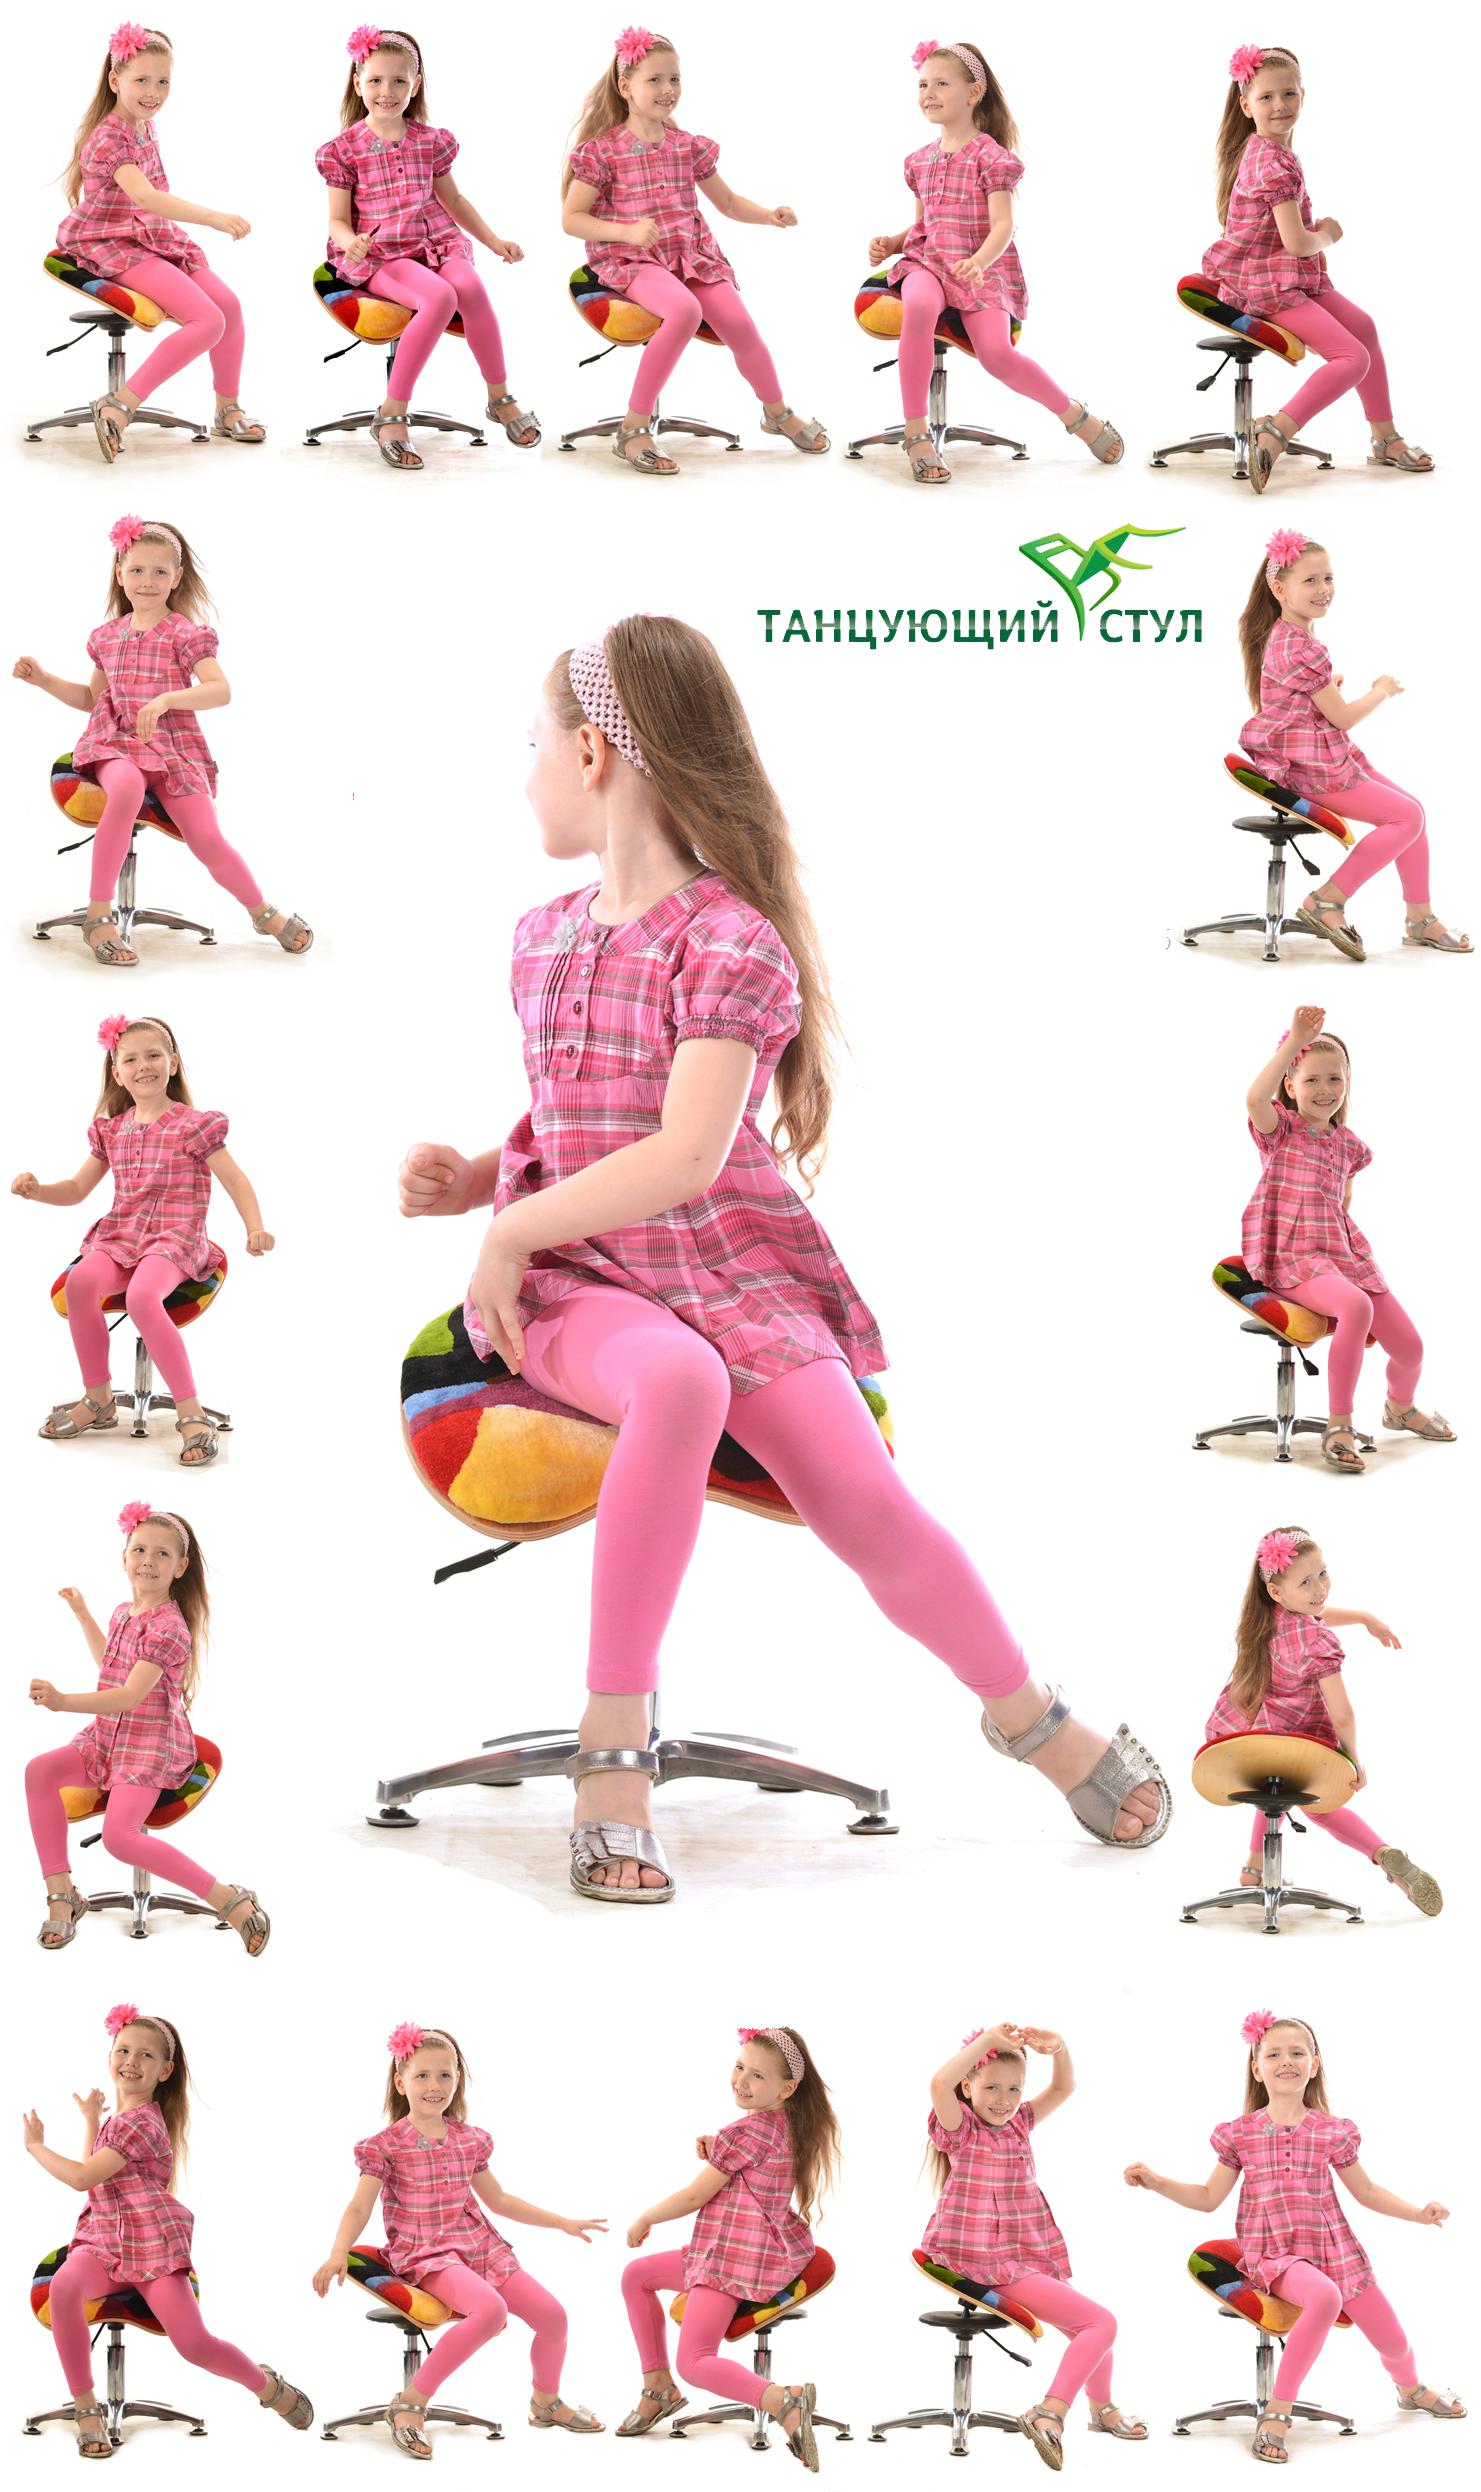 Танцующий Стул для школьницы или девочка на Танцующем Стуле